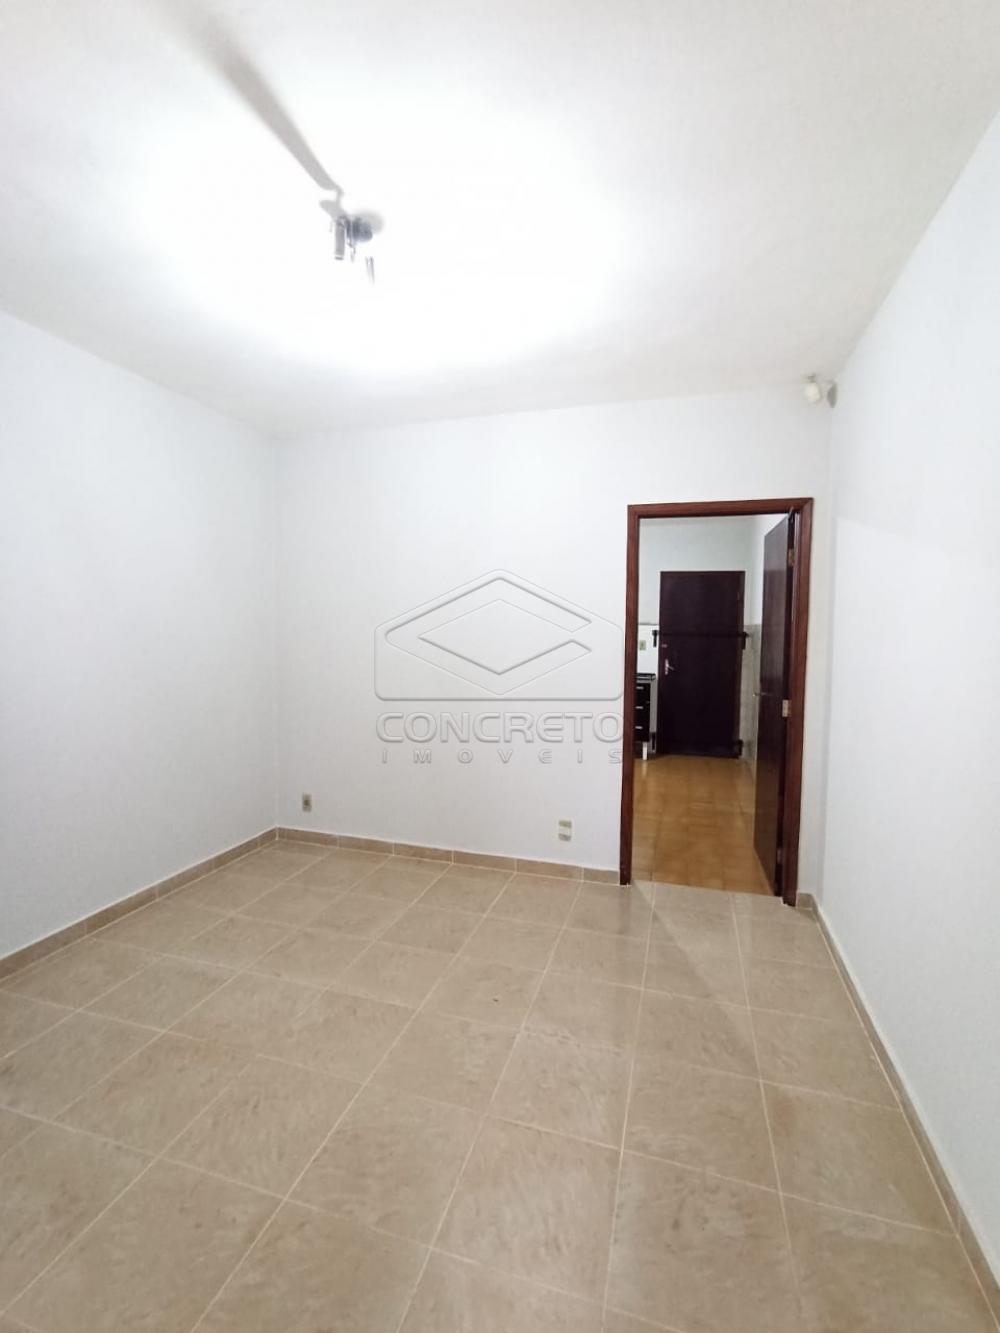 Alugar Casa / Padrão em Bauru apenas R$ 950,00 - Foto 1